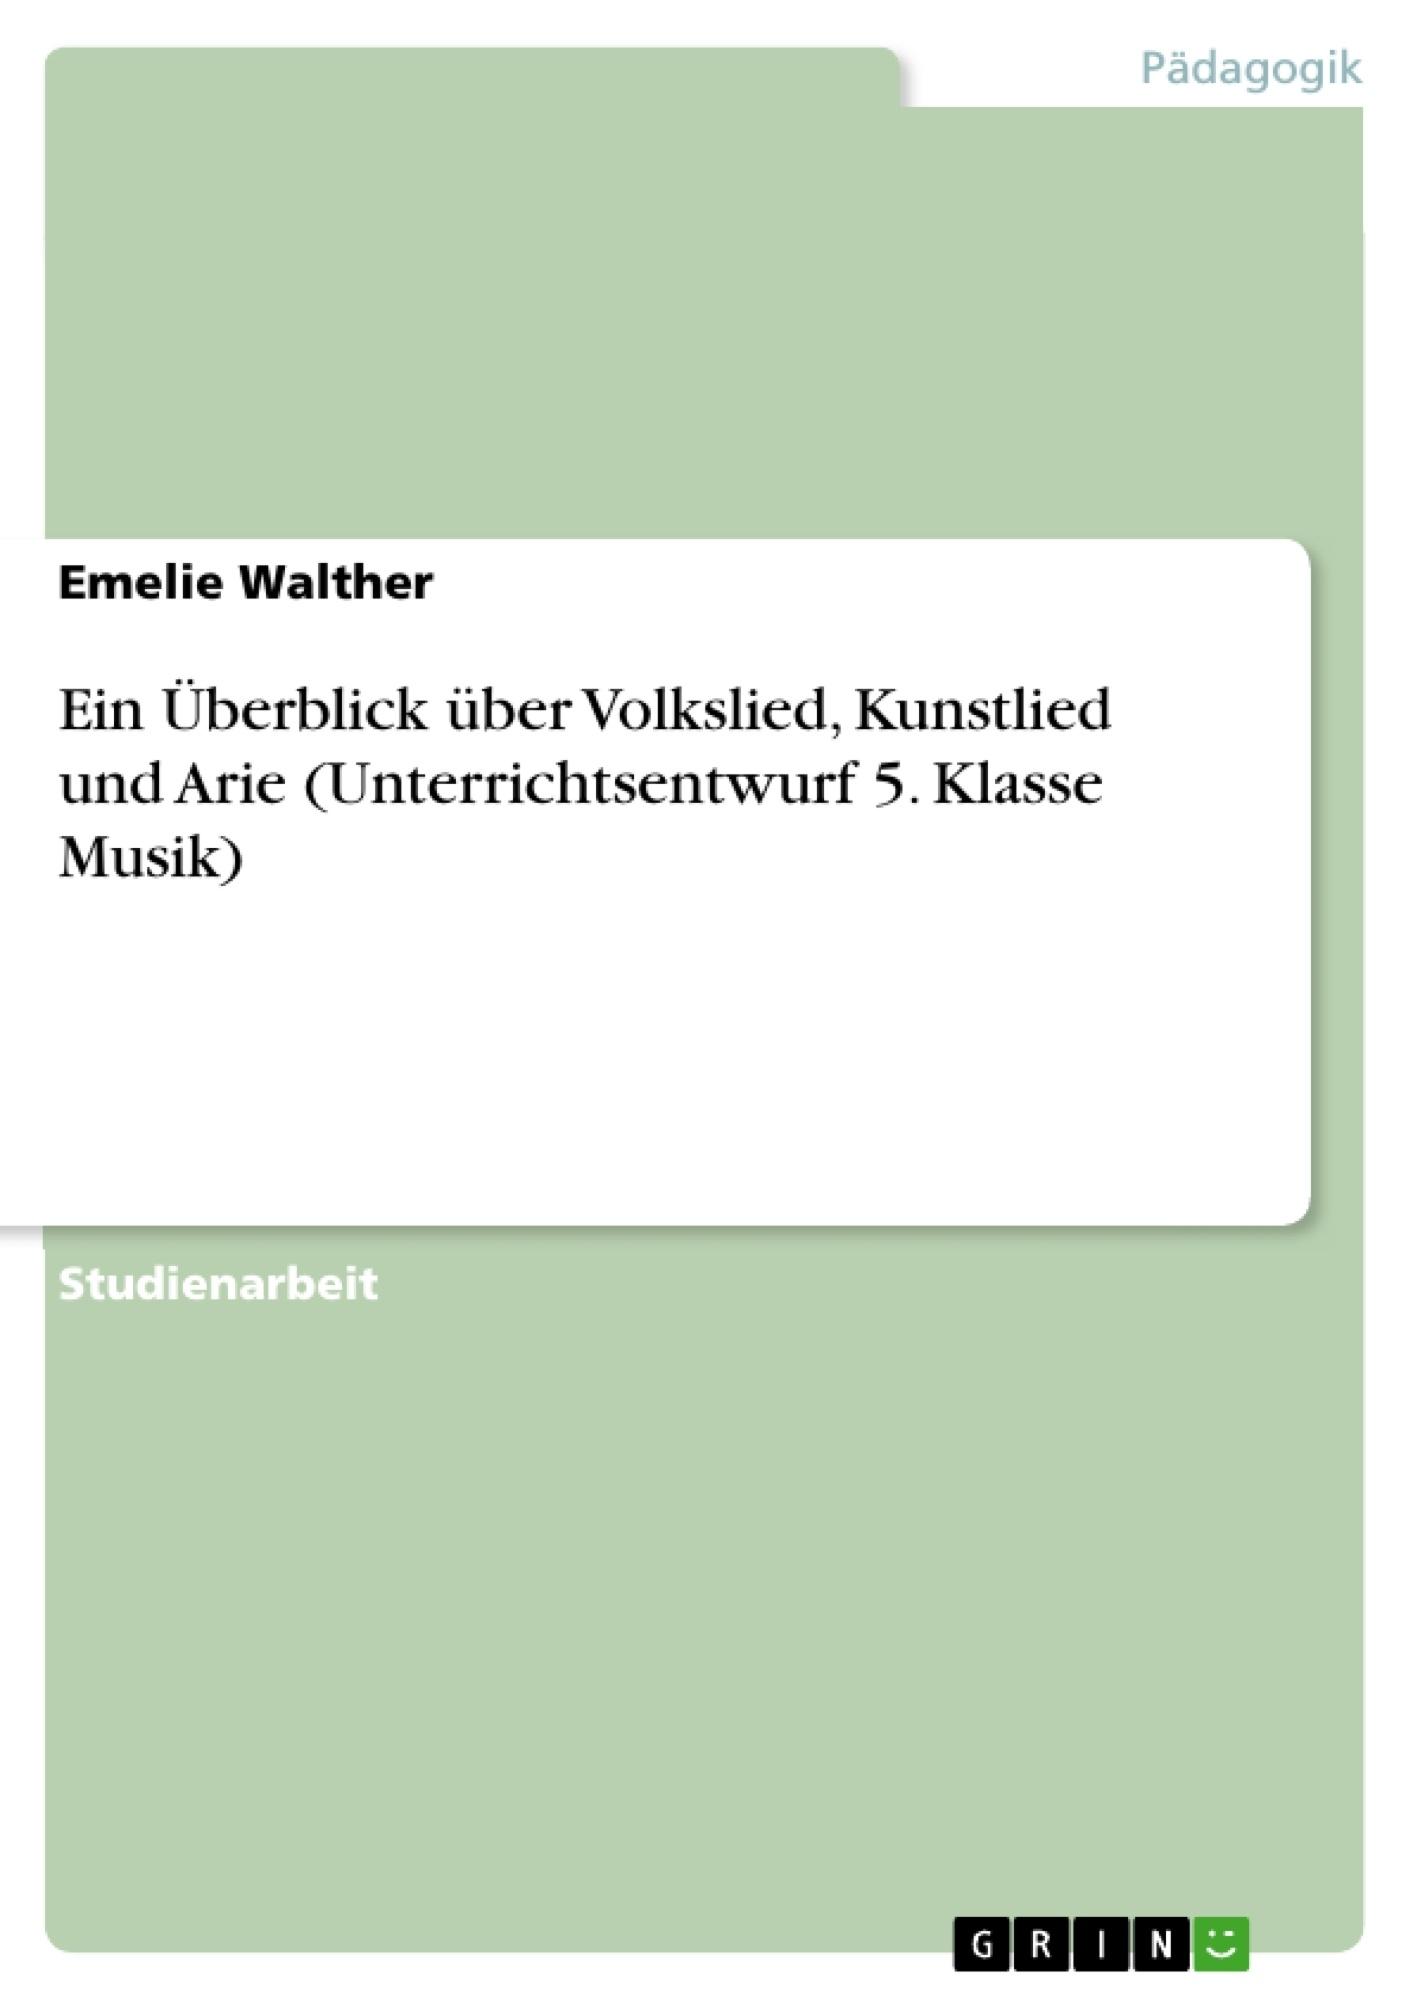 Titel: Ein Überblick über Volkslied, Kunstlied und Arie (Unterrichtsentwurf 5. Klasse Musik)